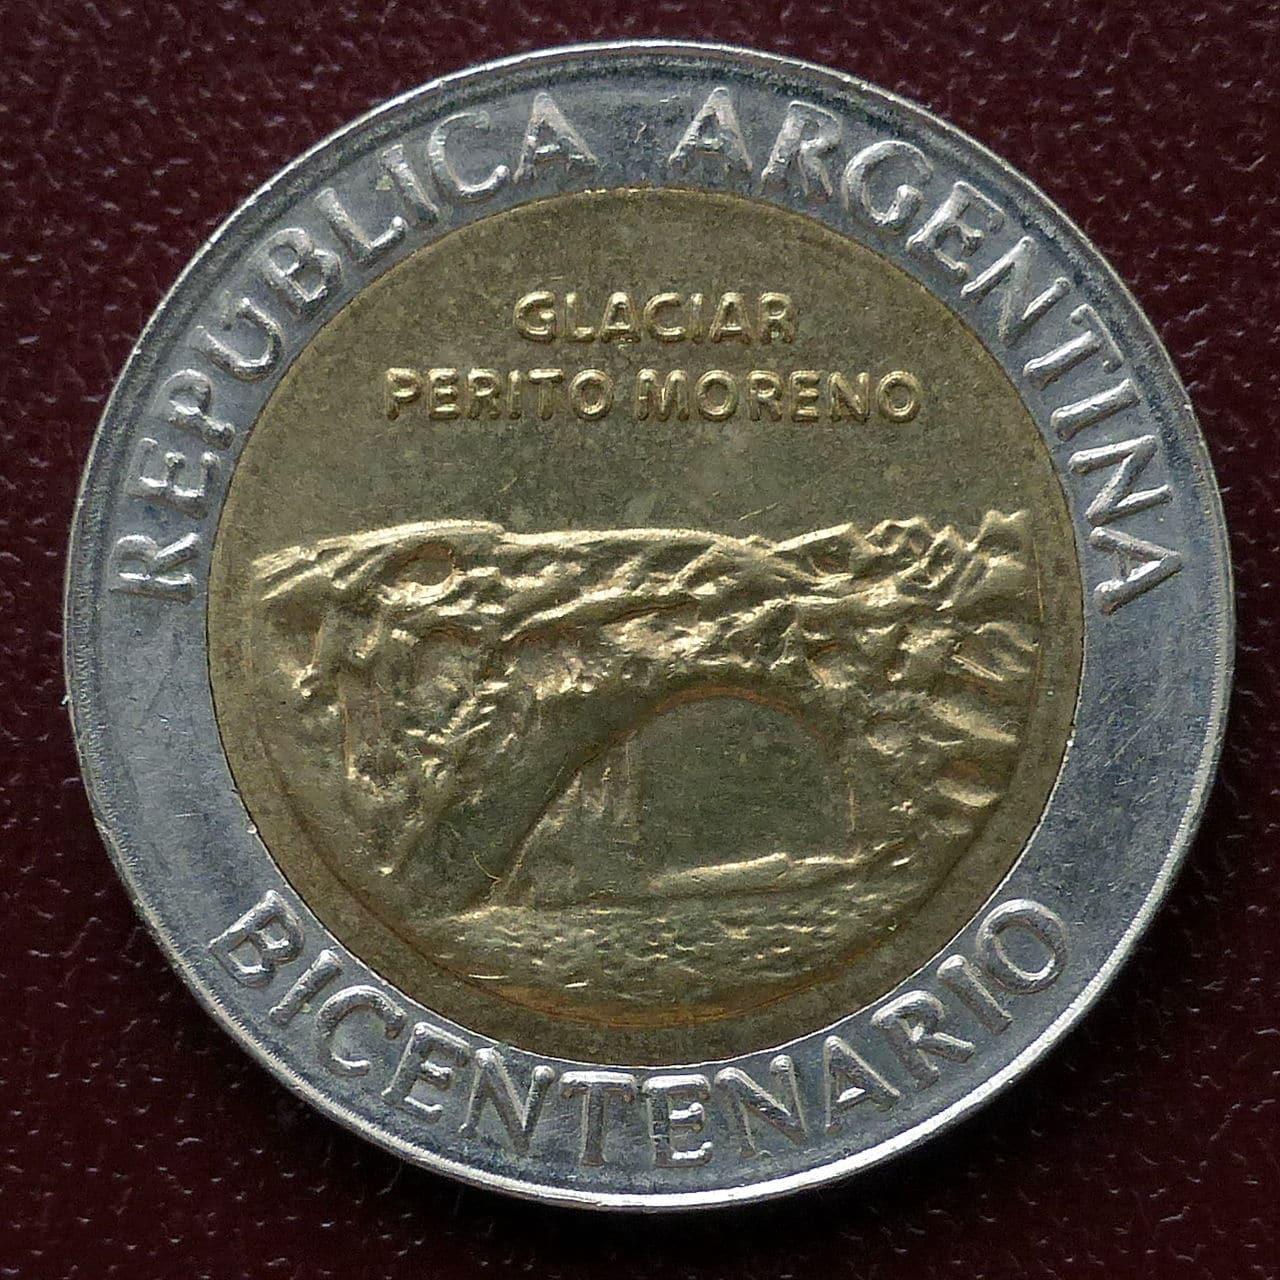 Argentina - Serie 1 peso - Bicentenario 1dr